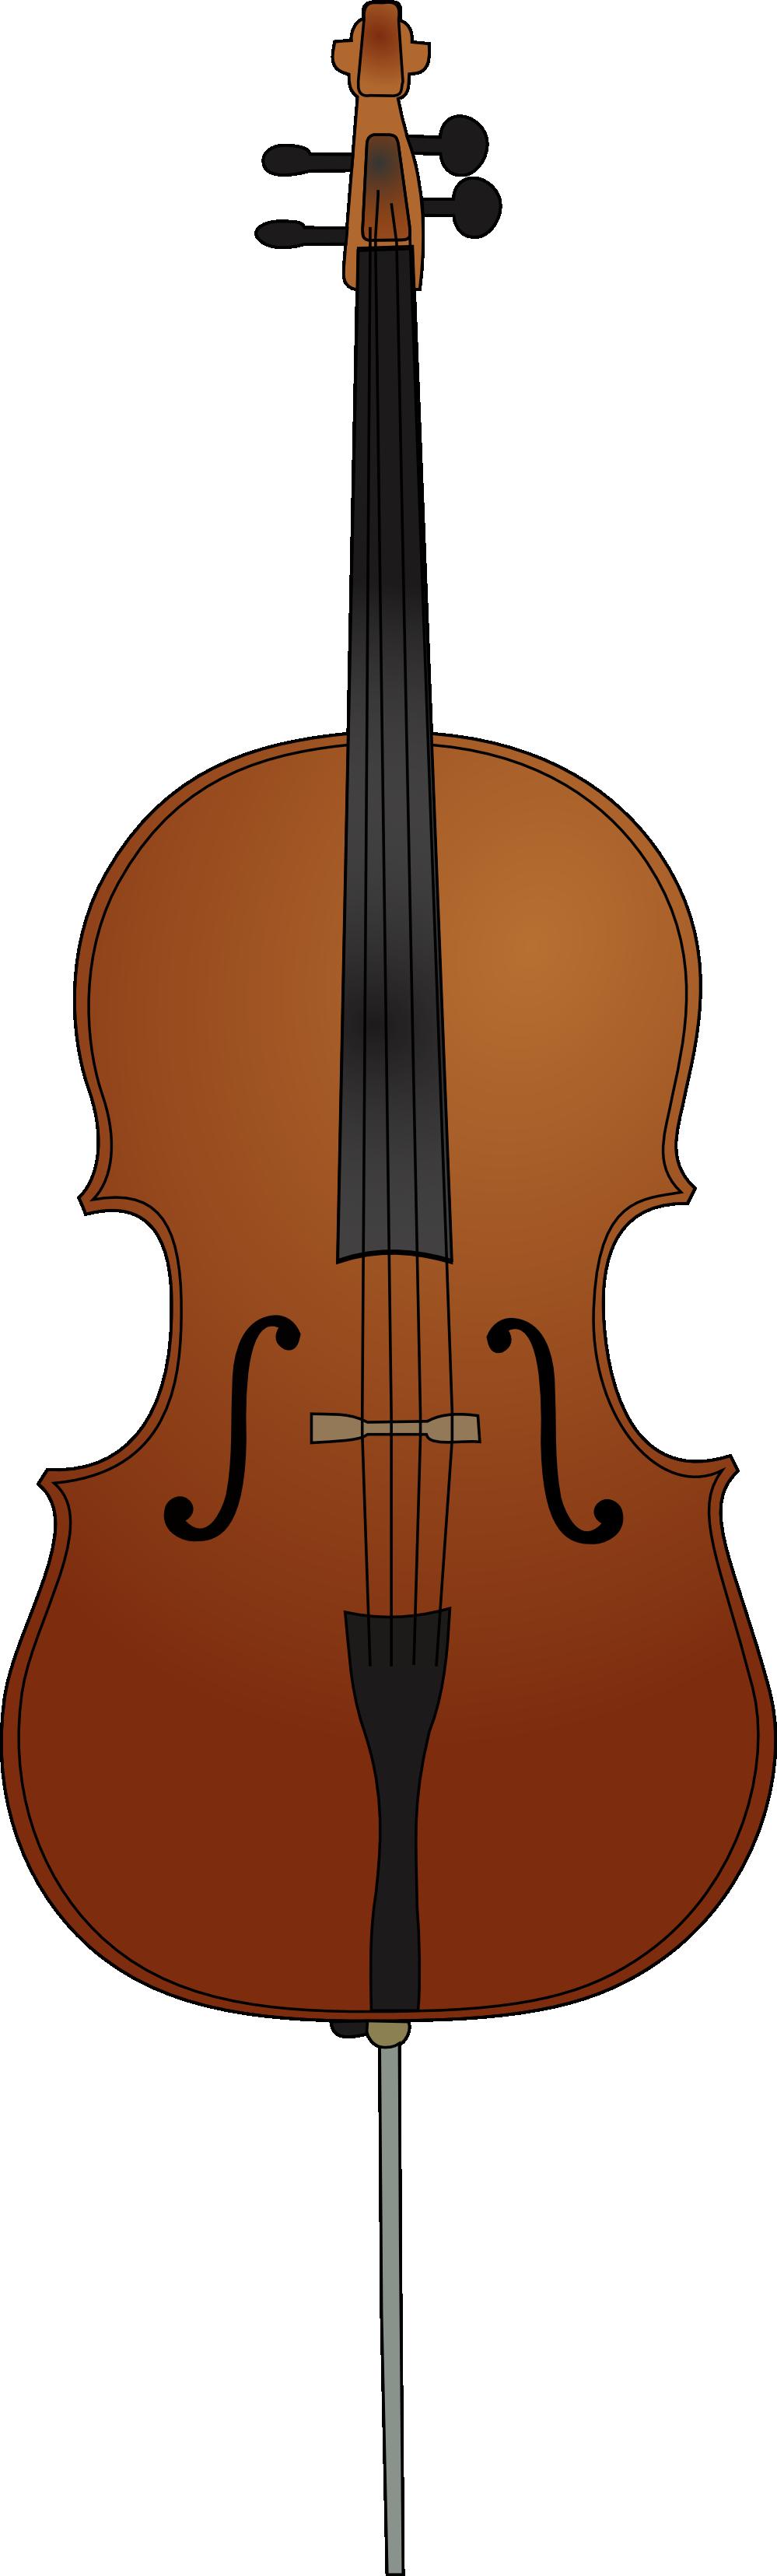 Cartoon free clip art. Cello clipart